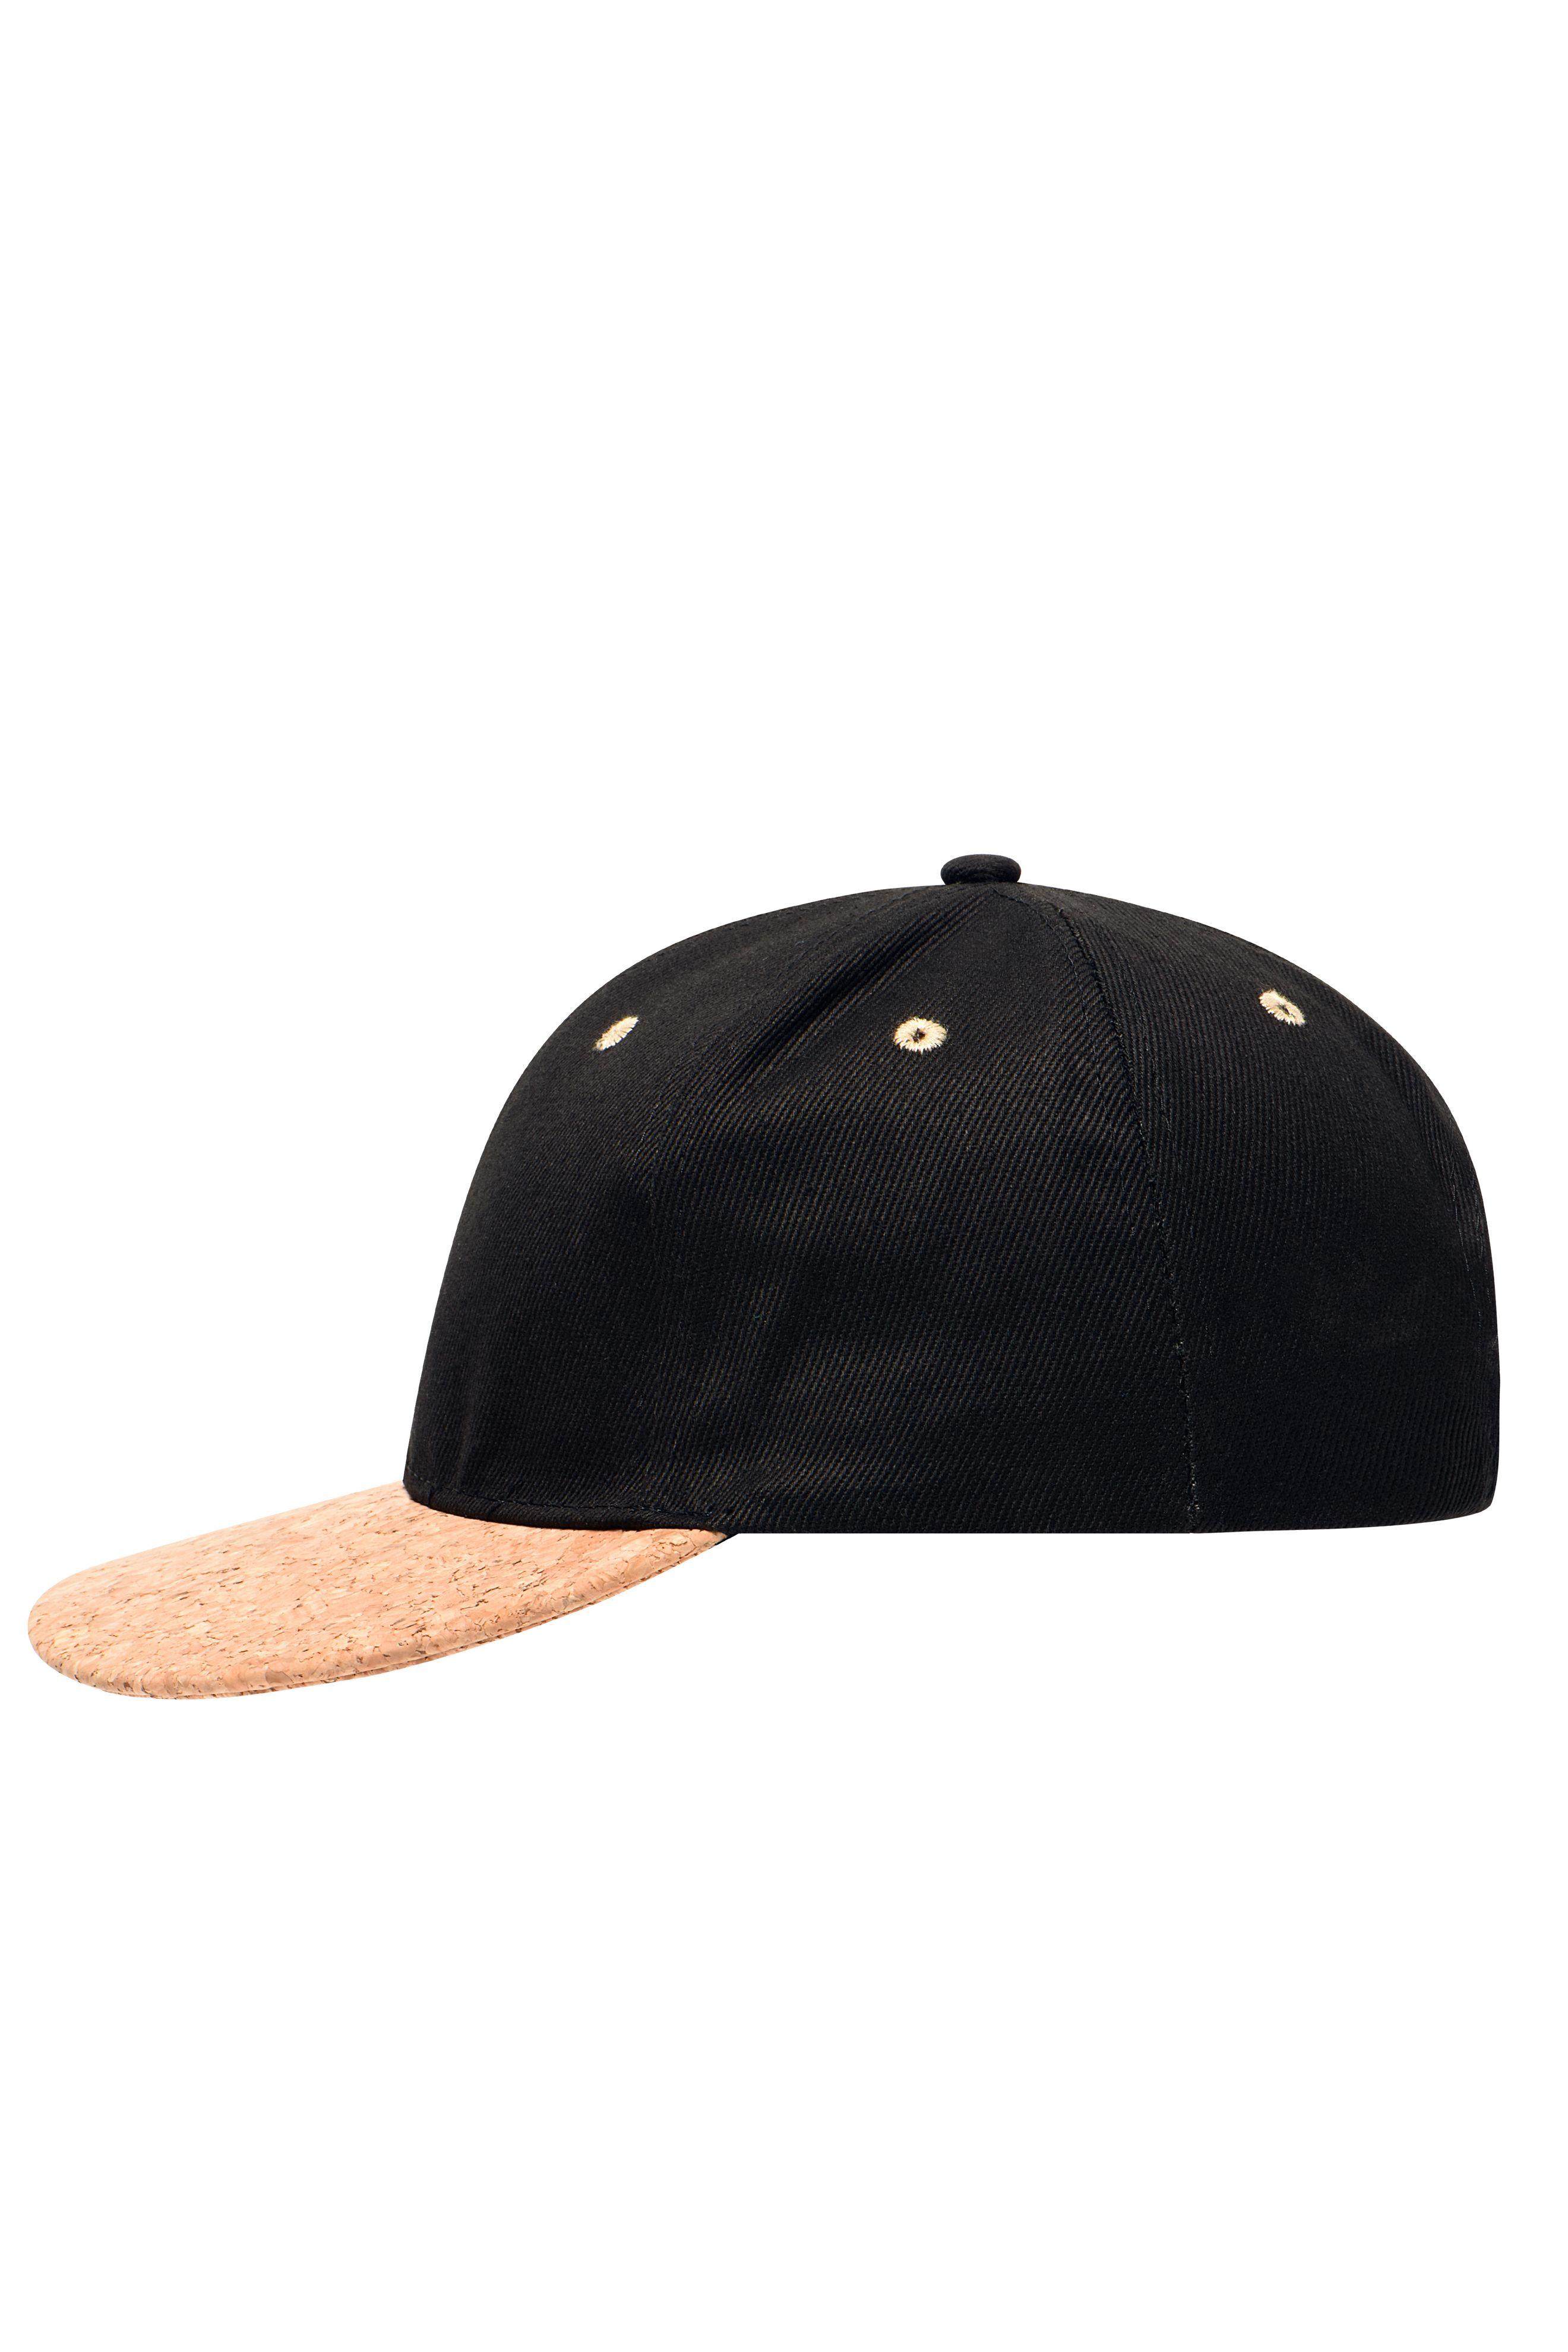 Streetstyle Cap mit geradem Schild aus Kork